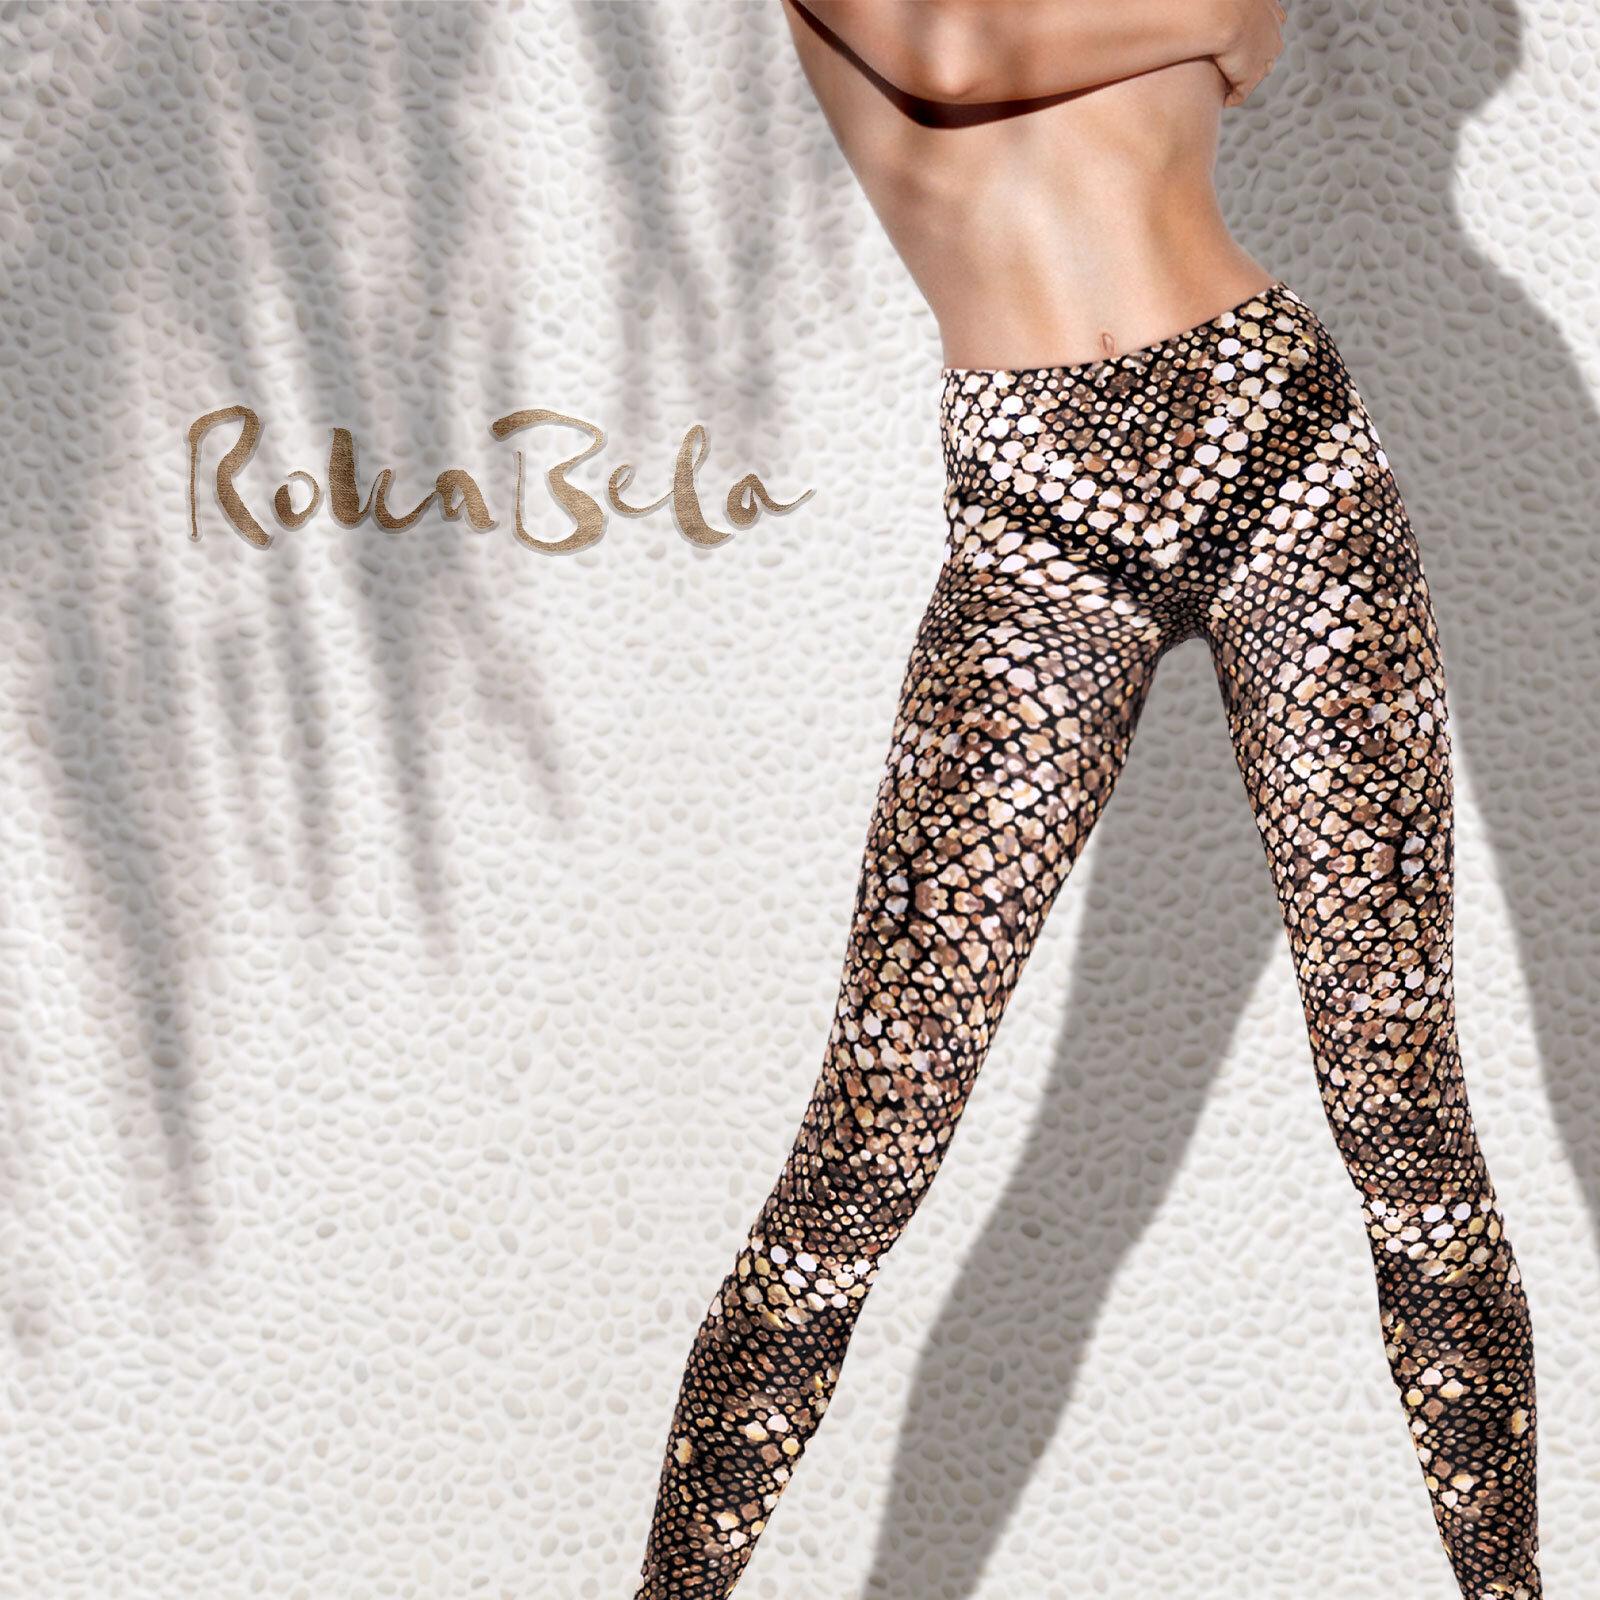 Rokabela-Gold-leggings--styled.jpg